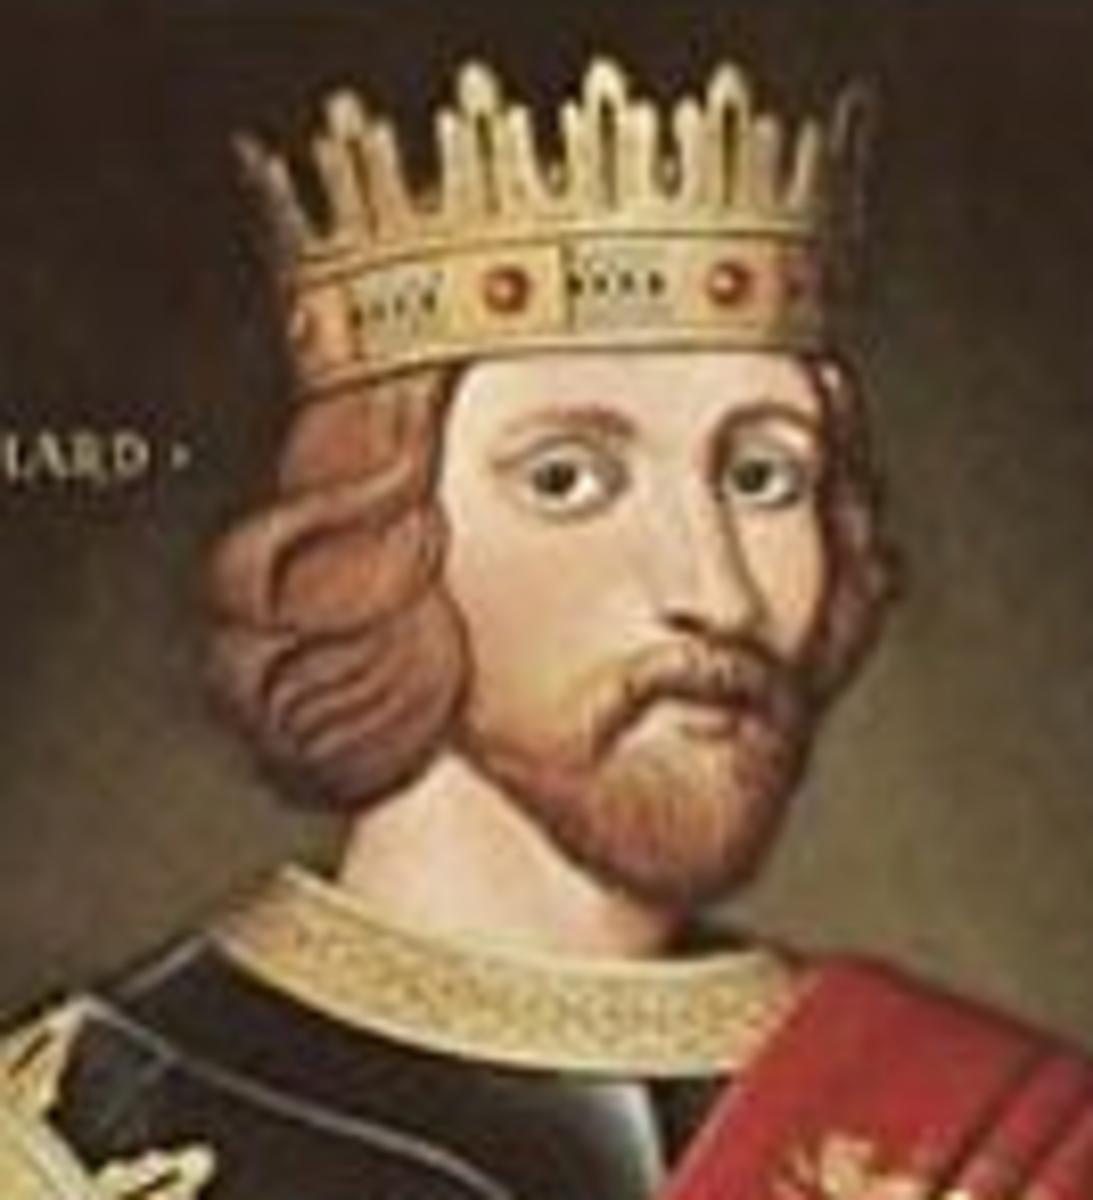 Richard I Lionheart of England.